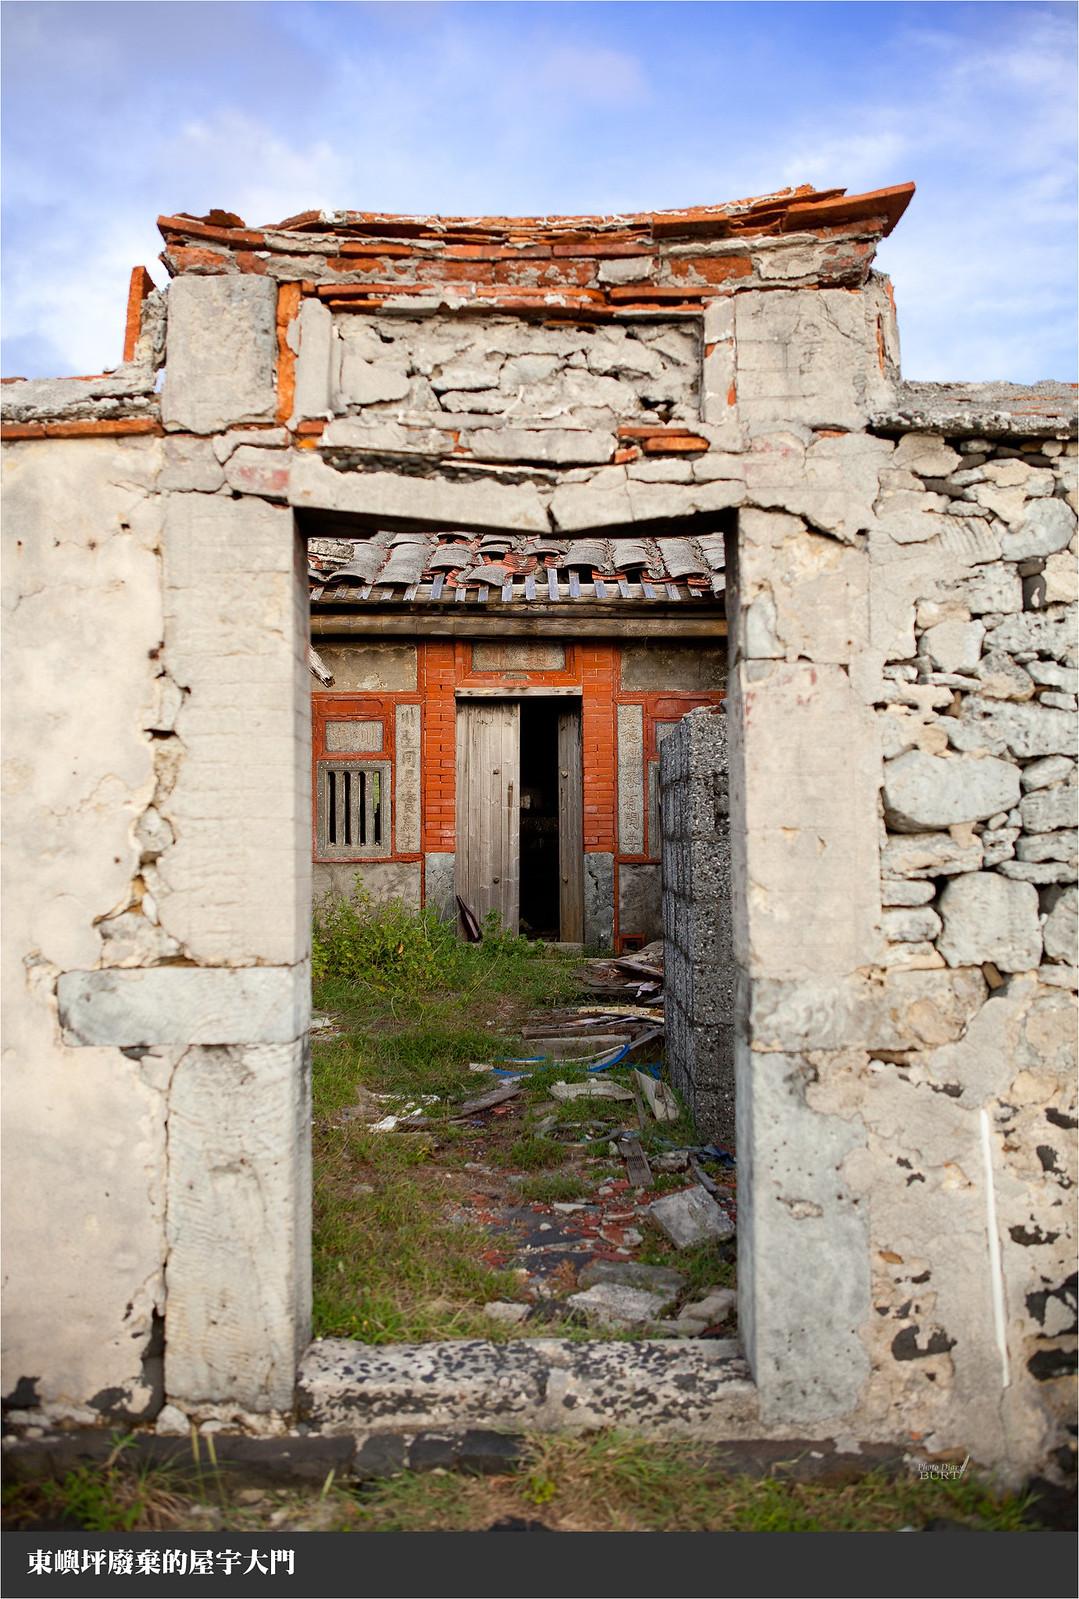 東嶼坪廢棄的屋宇大門